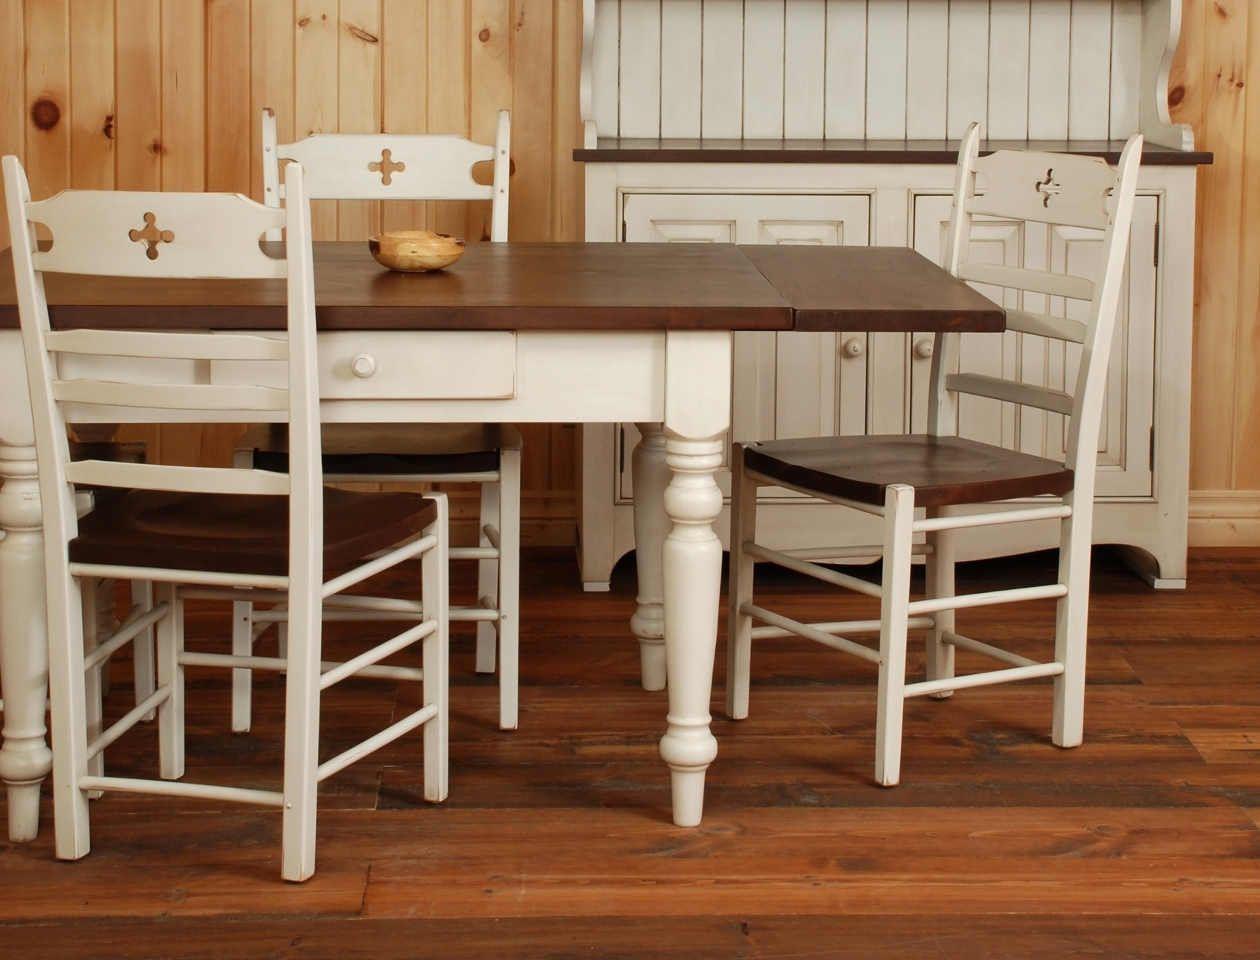 como pintar muebles de pino estilo vintage - Buscar con Google ...